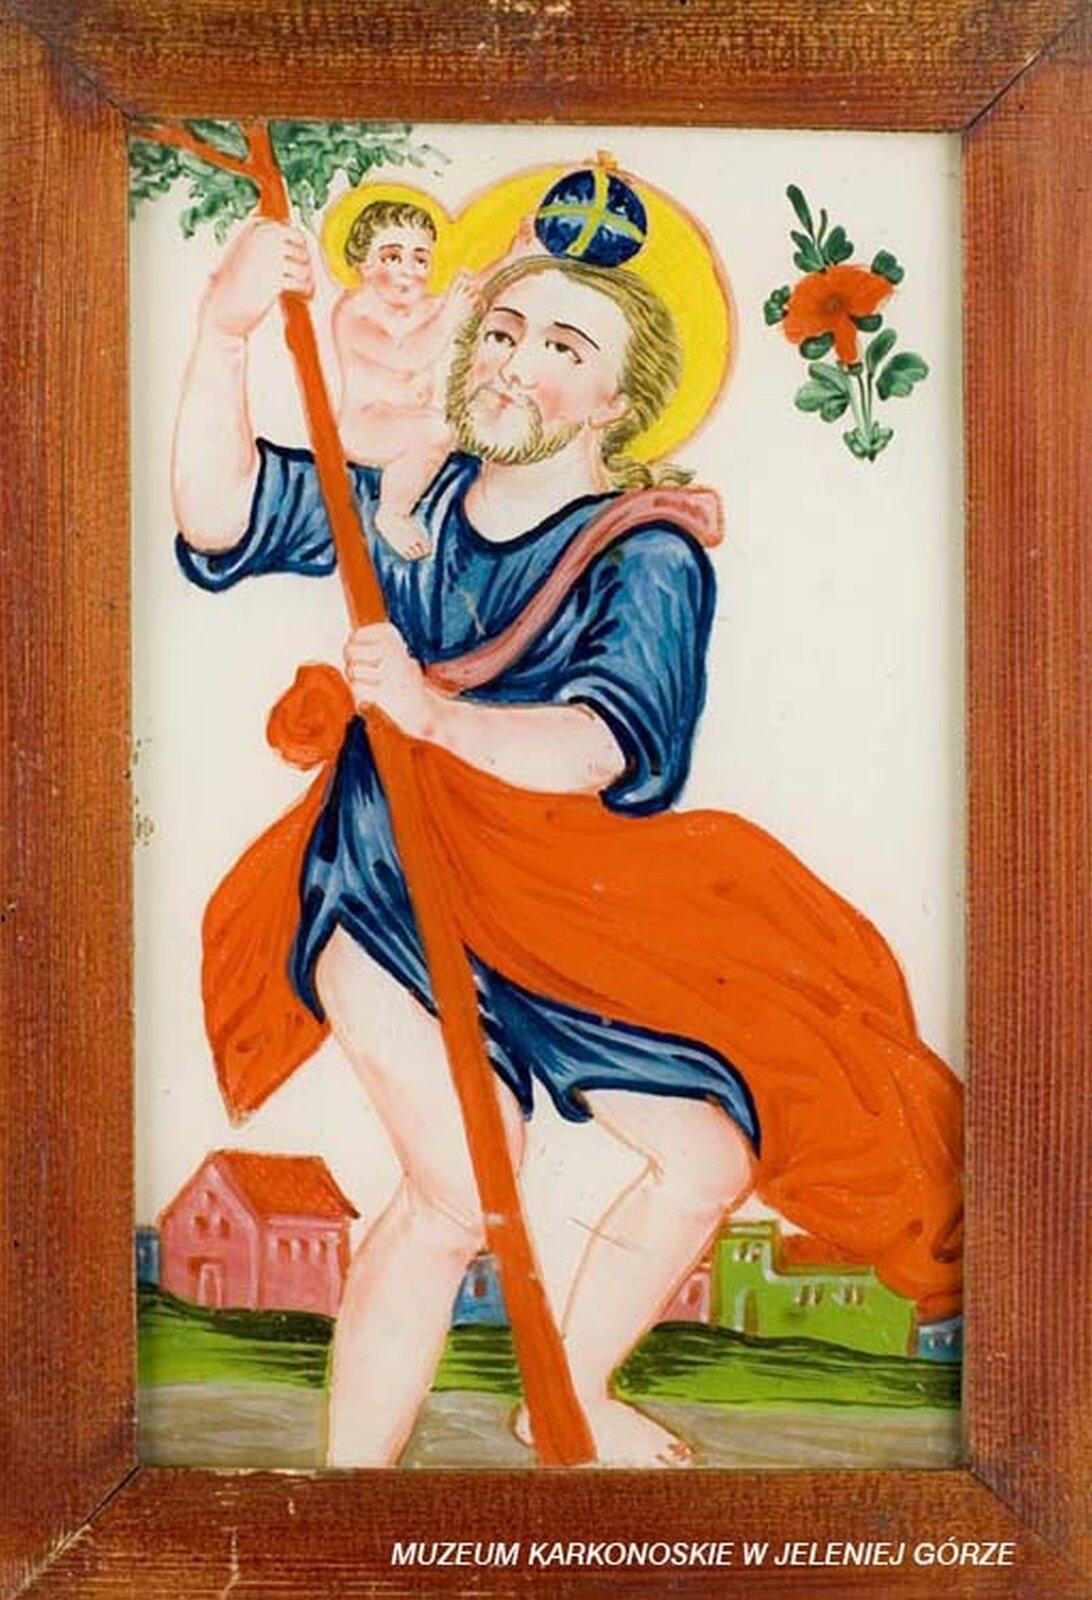 Ilustracja przedstawia malowidło na szkle, które ukazuje świętego Krzysztofa. Postać trzyma wdłoniach kij, ana ramieniu niesie Dzieciątko Jezus. Mężczyzna ma niebieską szatę, przepasaną czerwonym materiałem. Obie postacie mają nad głowami złote nimby. Wtle, udołu rysunku znajdują się niewielkie zabudowania. Na wysokości głowy postaci obraz dekoruje czerwony kwiat.